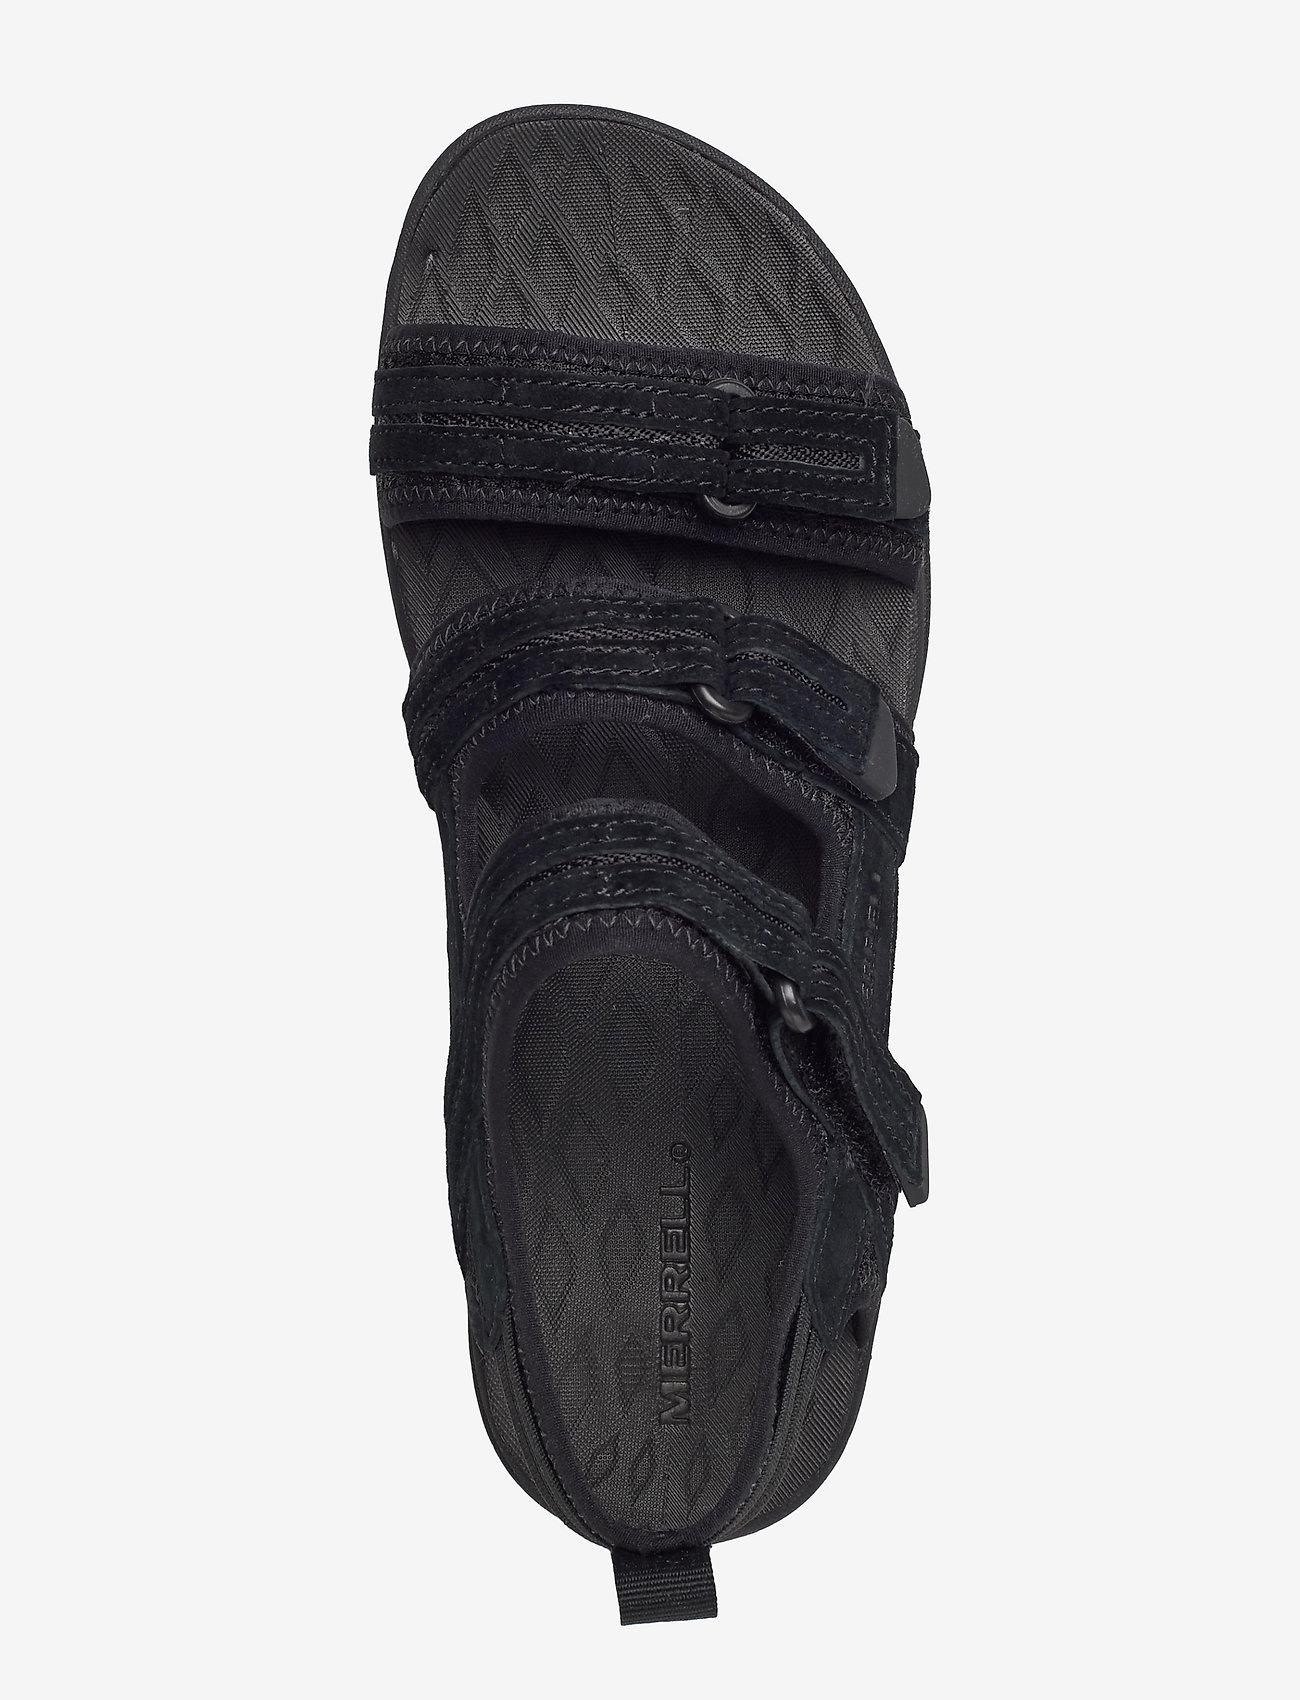 Siren 2 Strap (Black) (520 kr) - Merrell